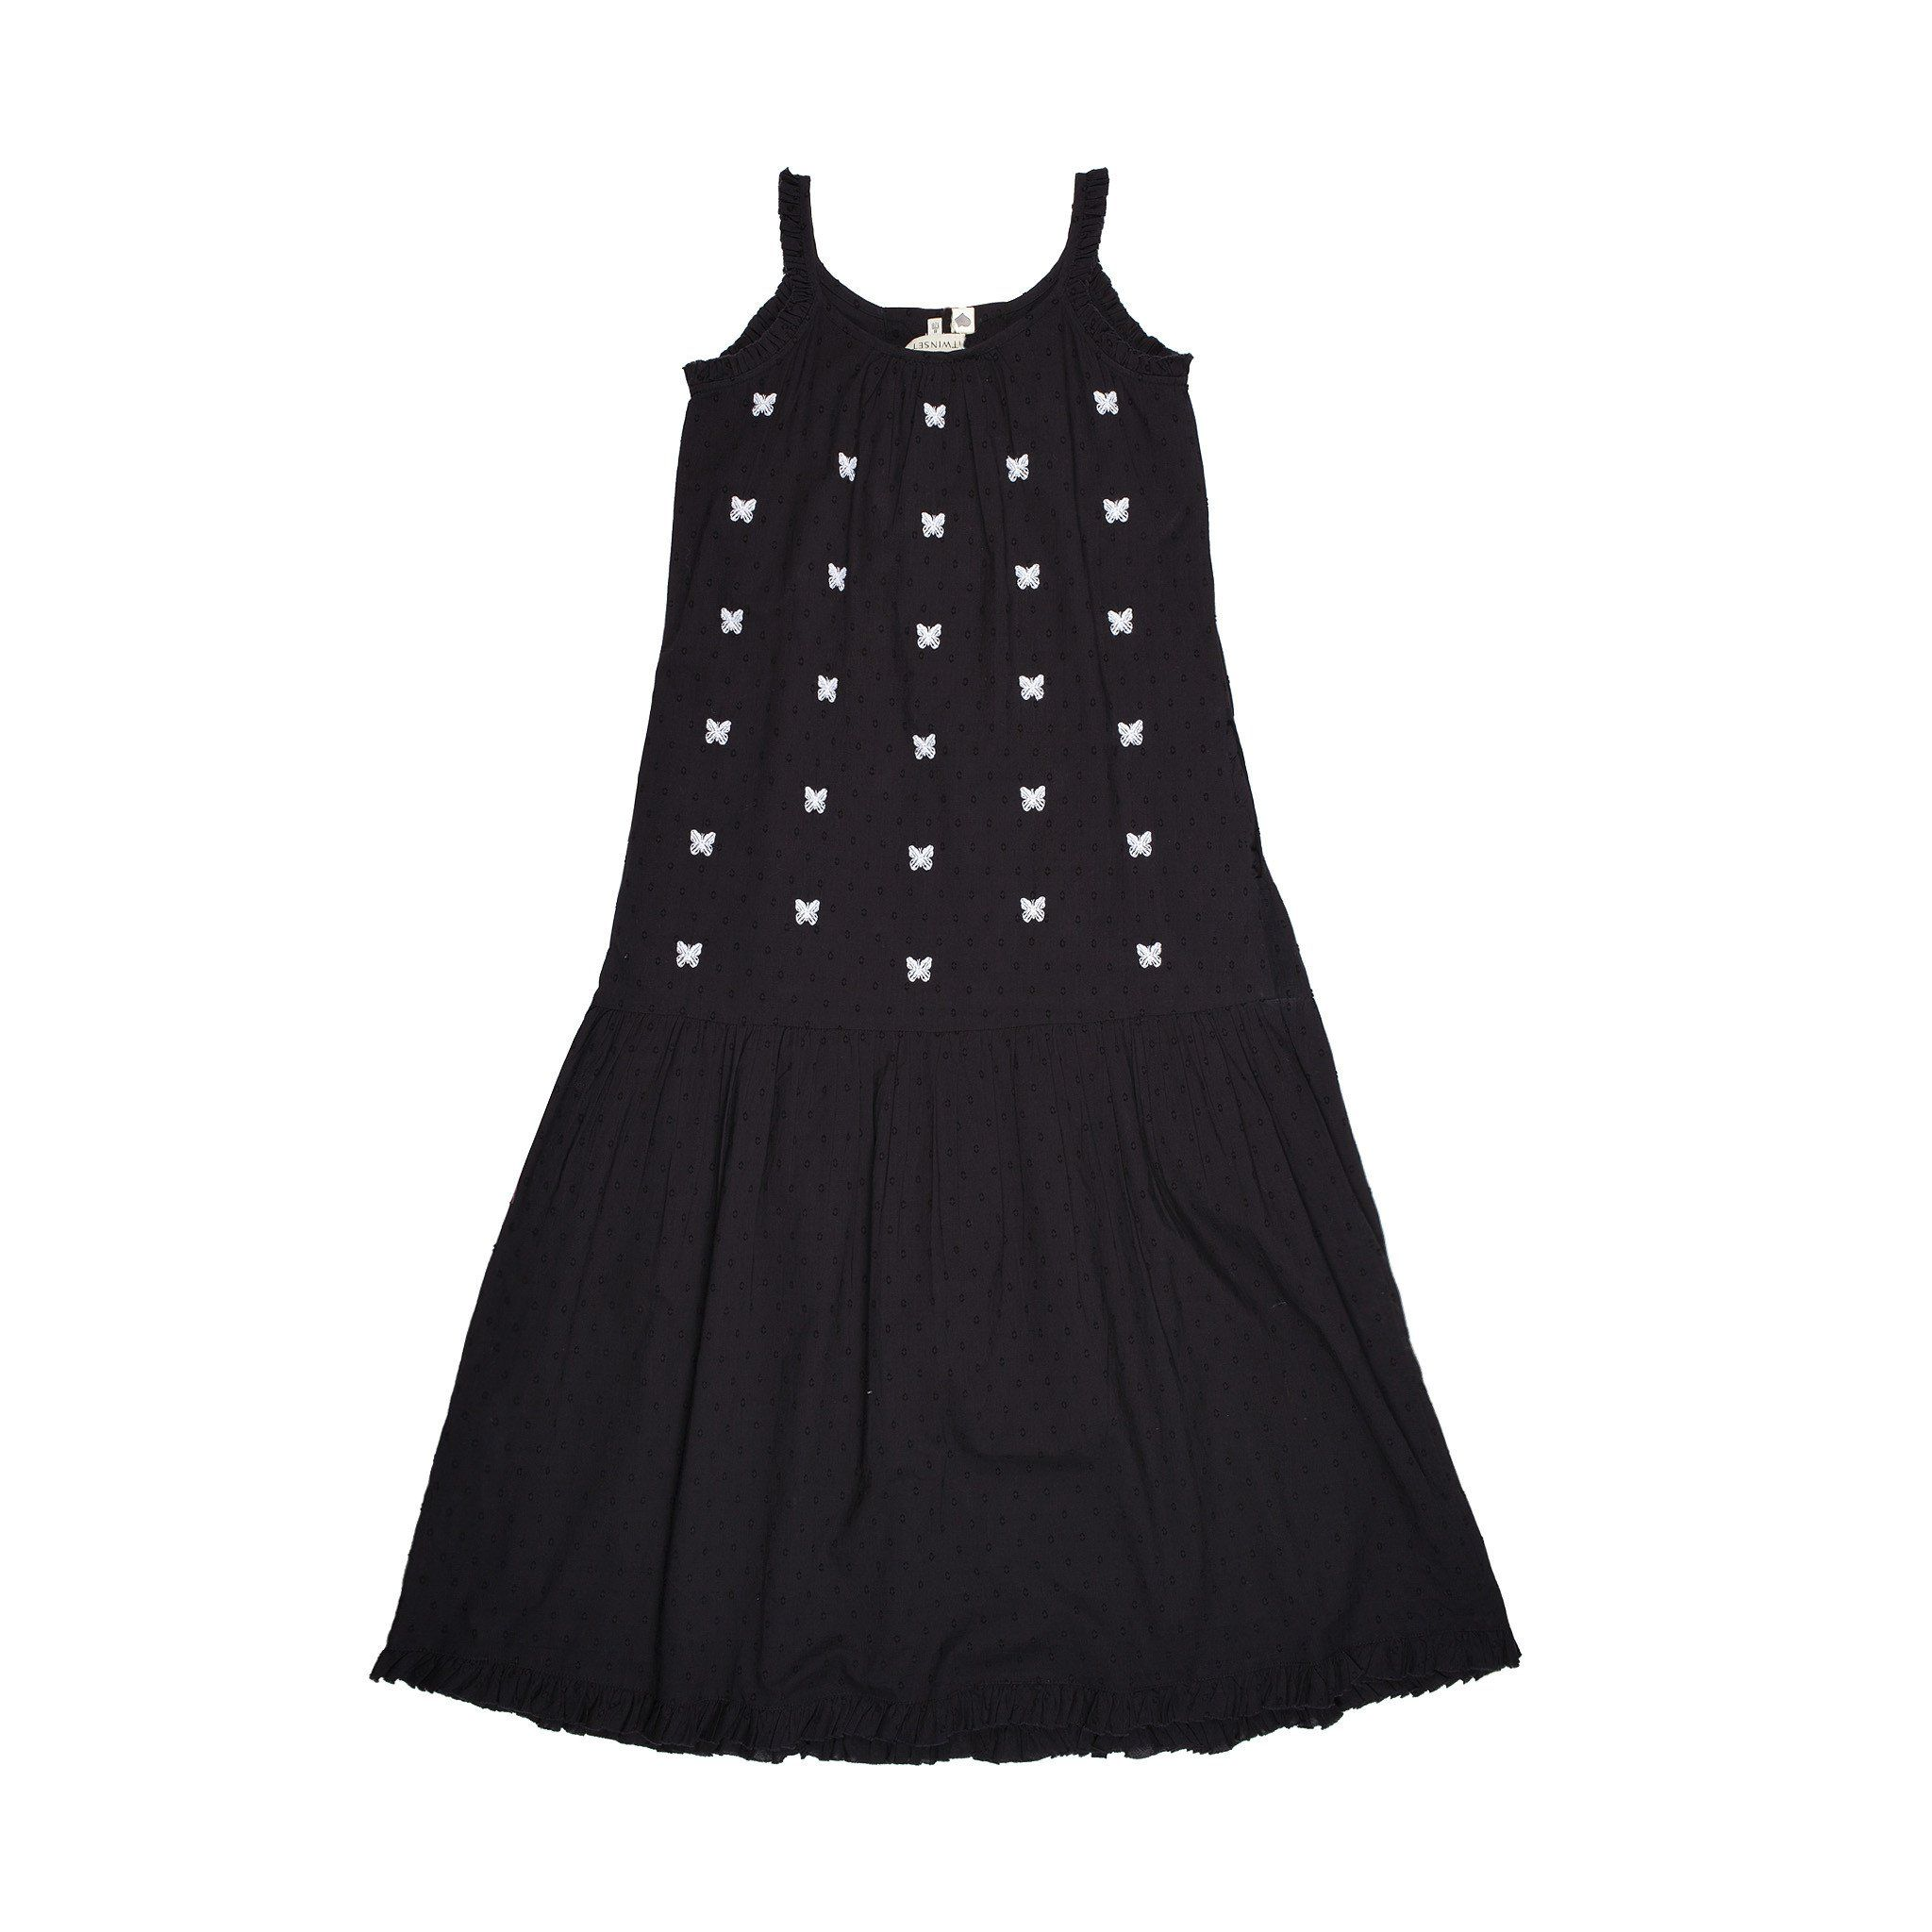 Twinset  Dress In Black